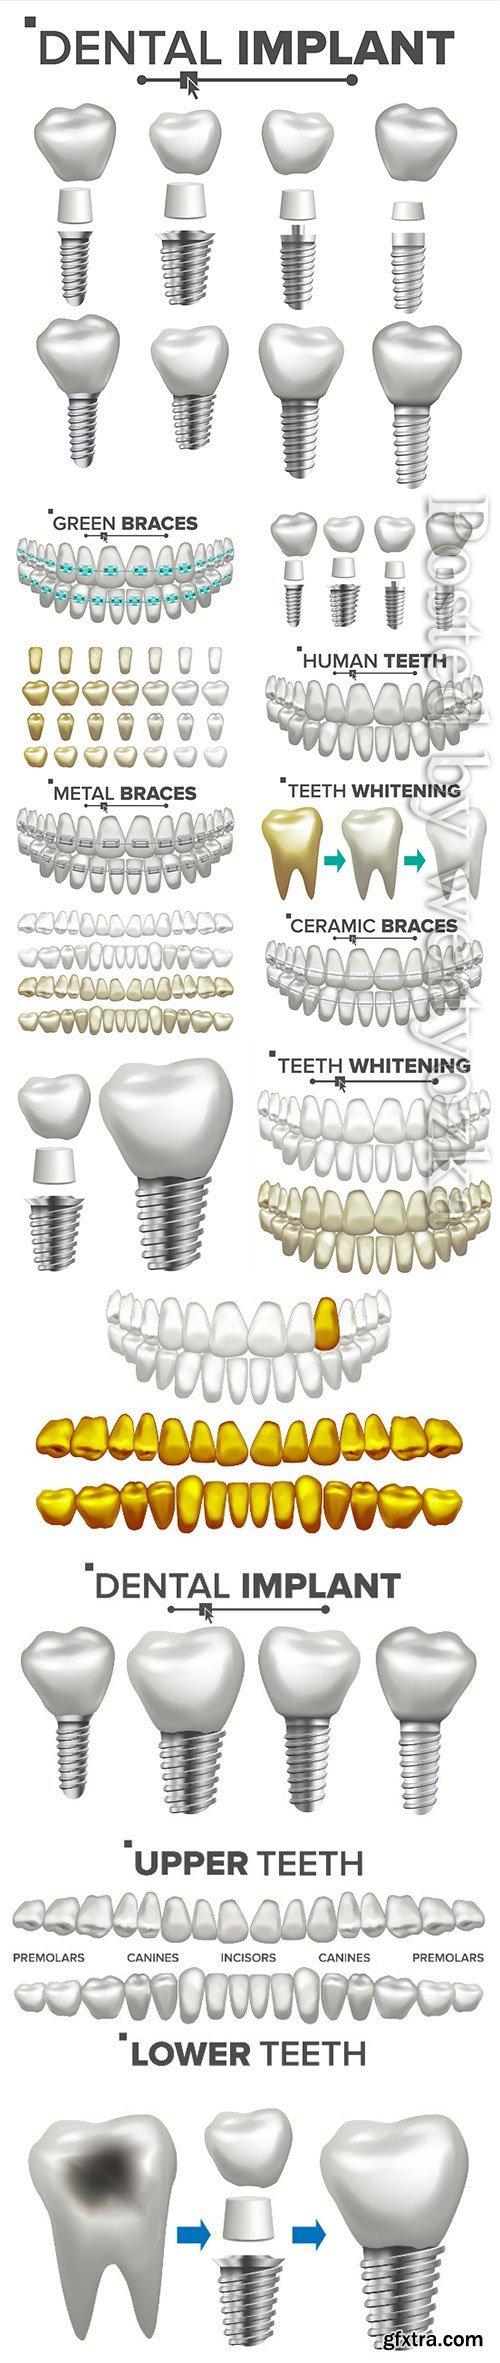 Dental implant illustration vector set